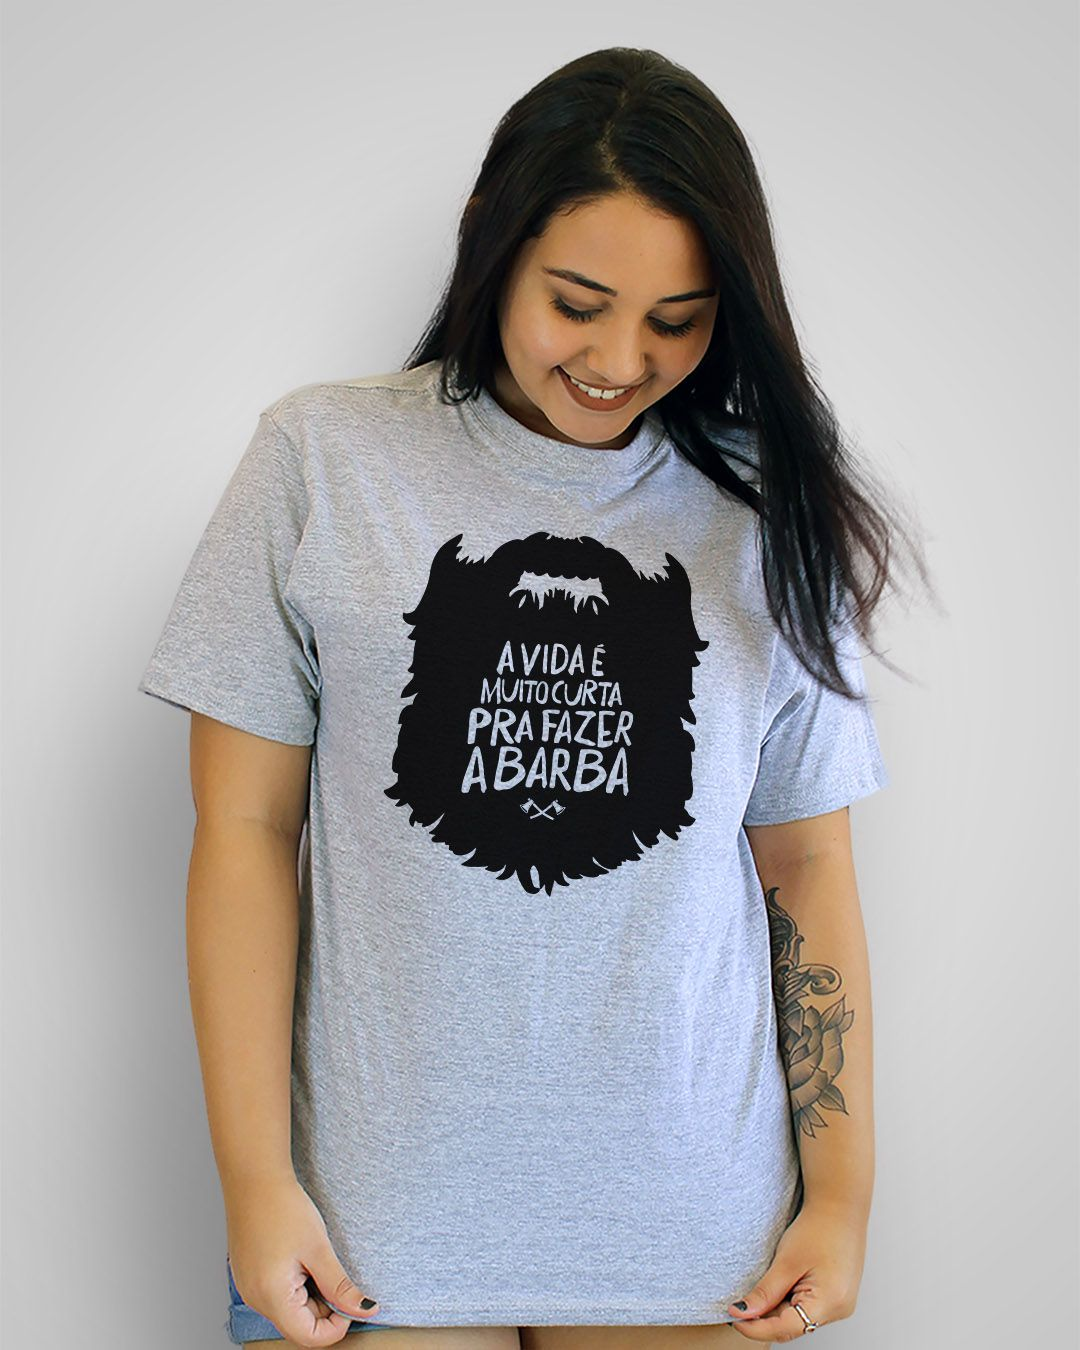 Camiseta A vida é muito curta pra fazer a barba